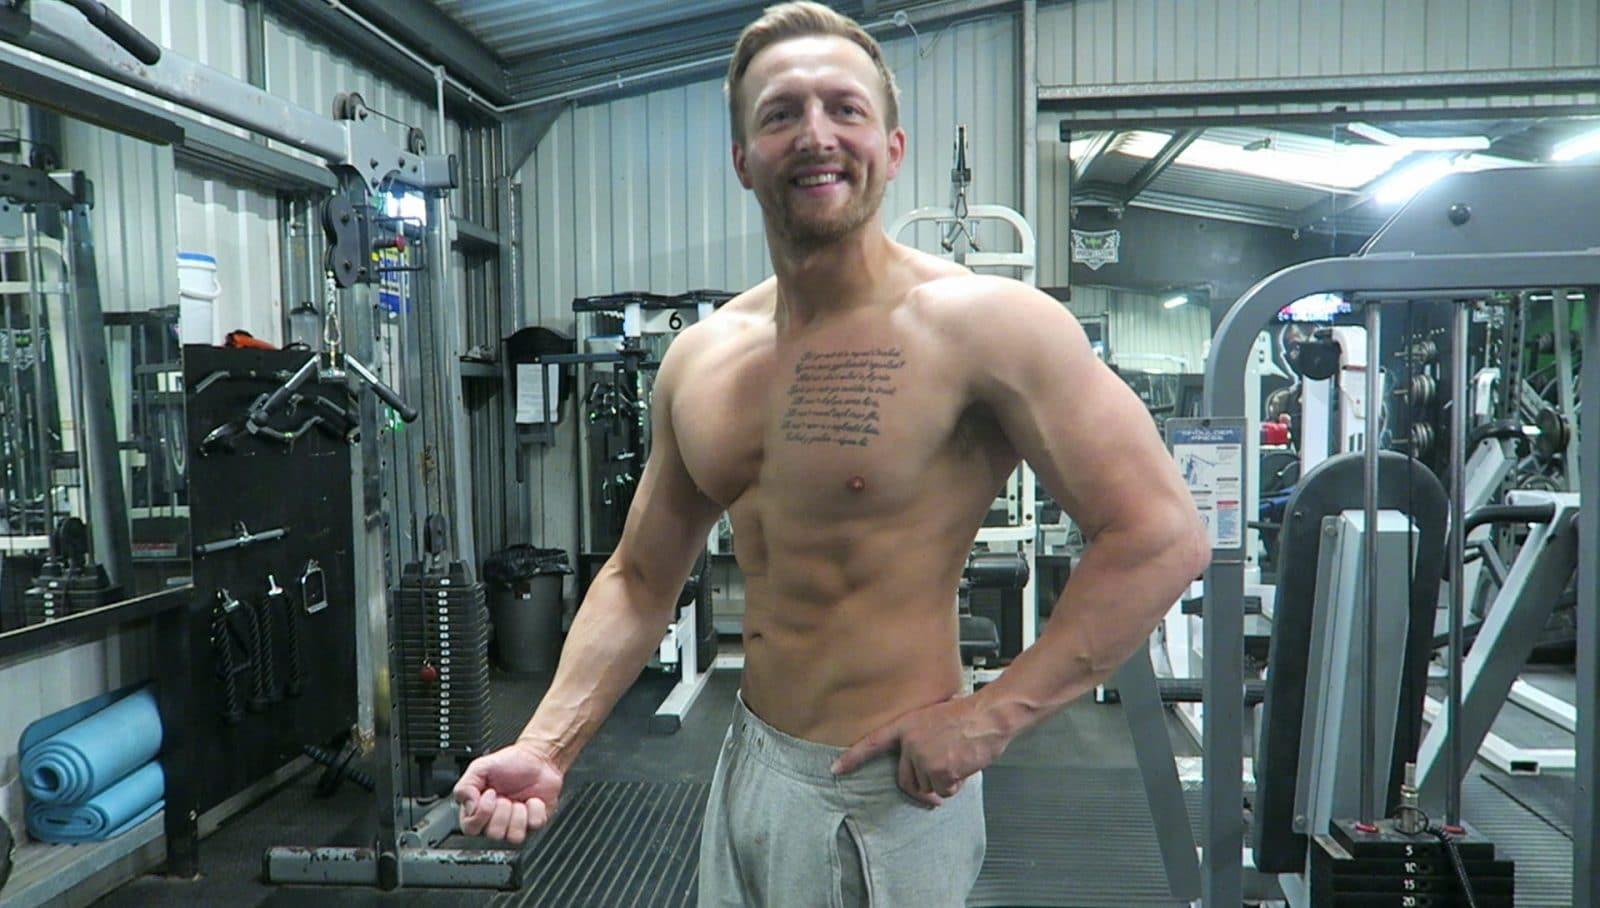 мужчина с мускулами качается в тренажерном зале